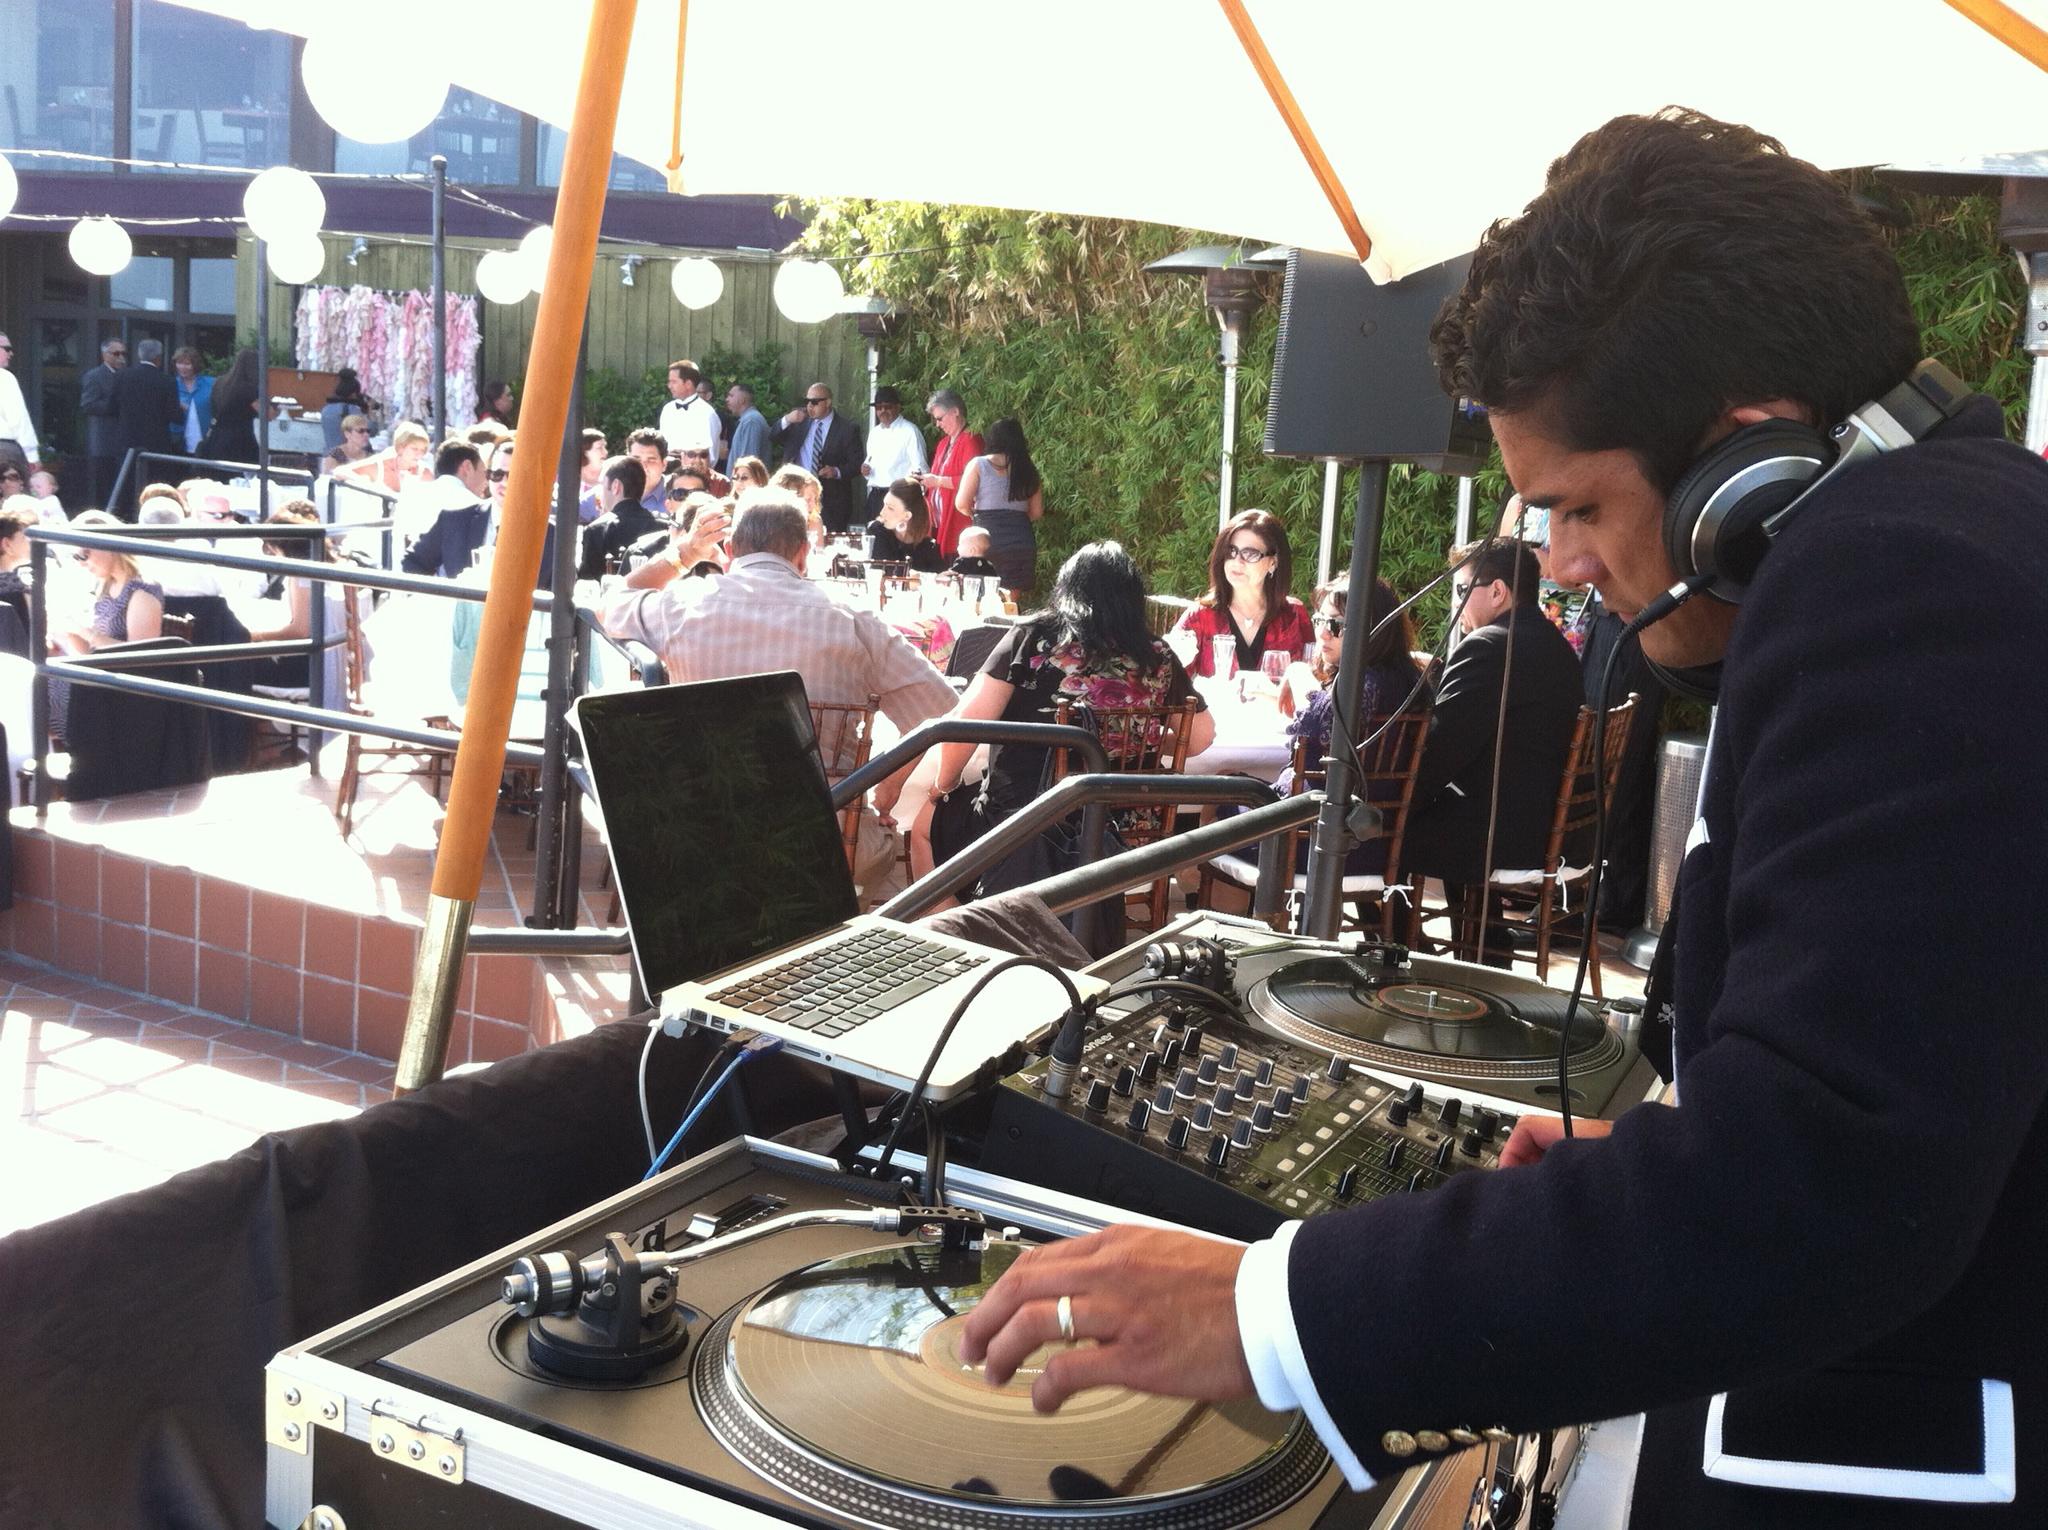 Dance party 1 - Tim & Christina - Dana Point Wedding - Indie Wedding DJ Orange County